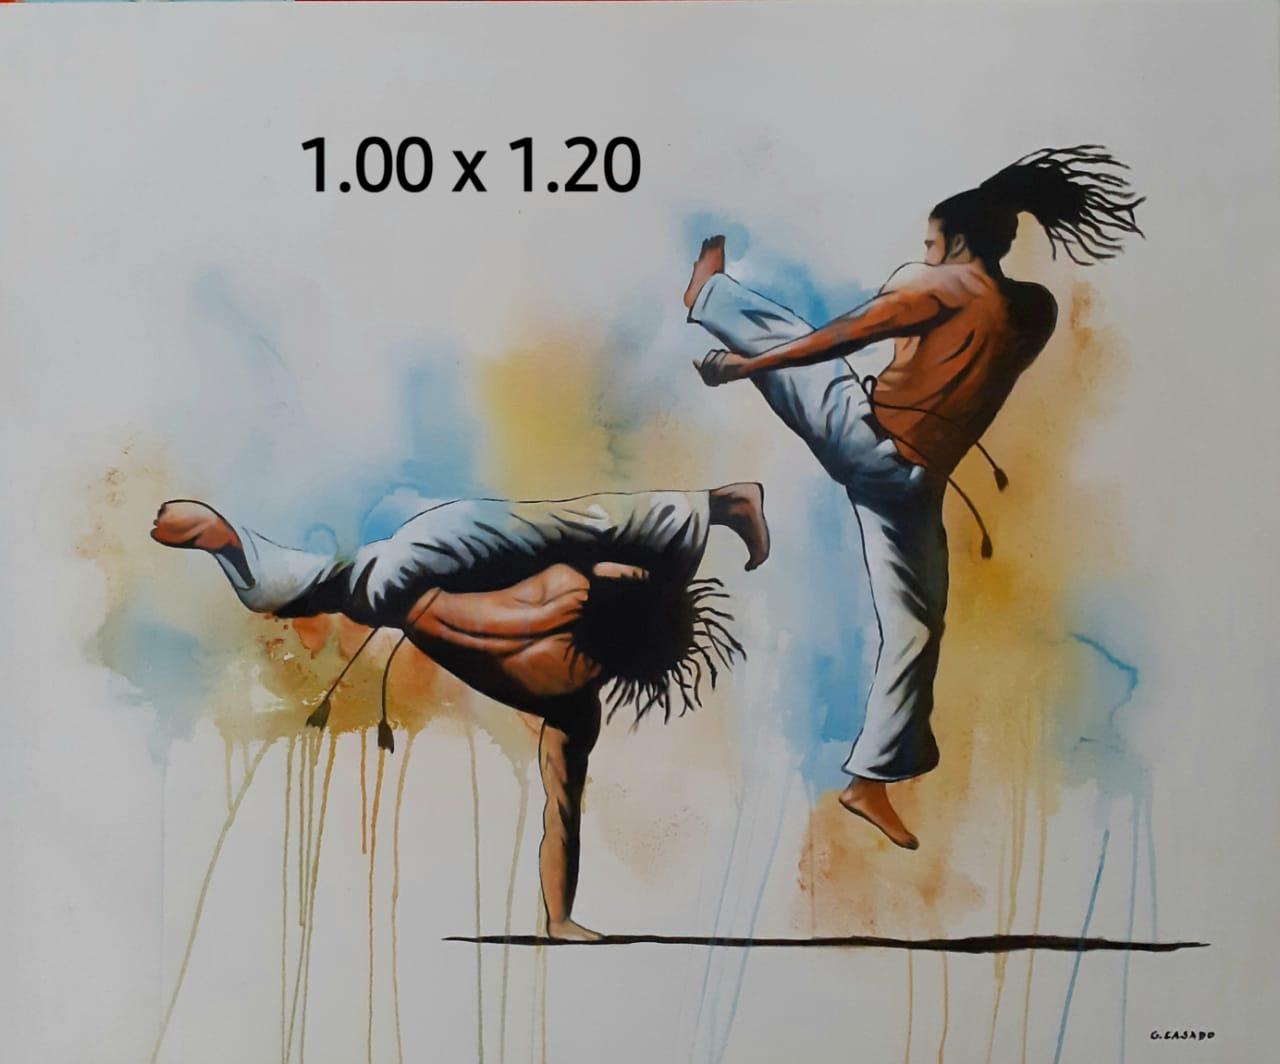 cultura-e-arte-02-100-x-1-20